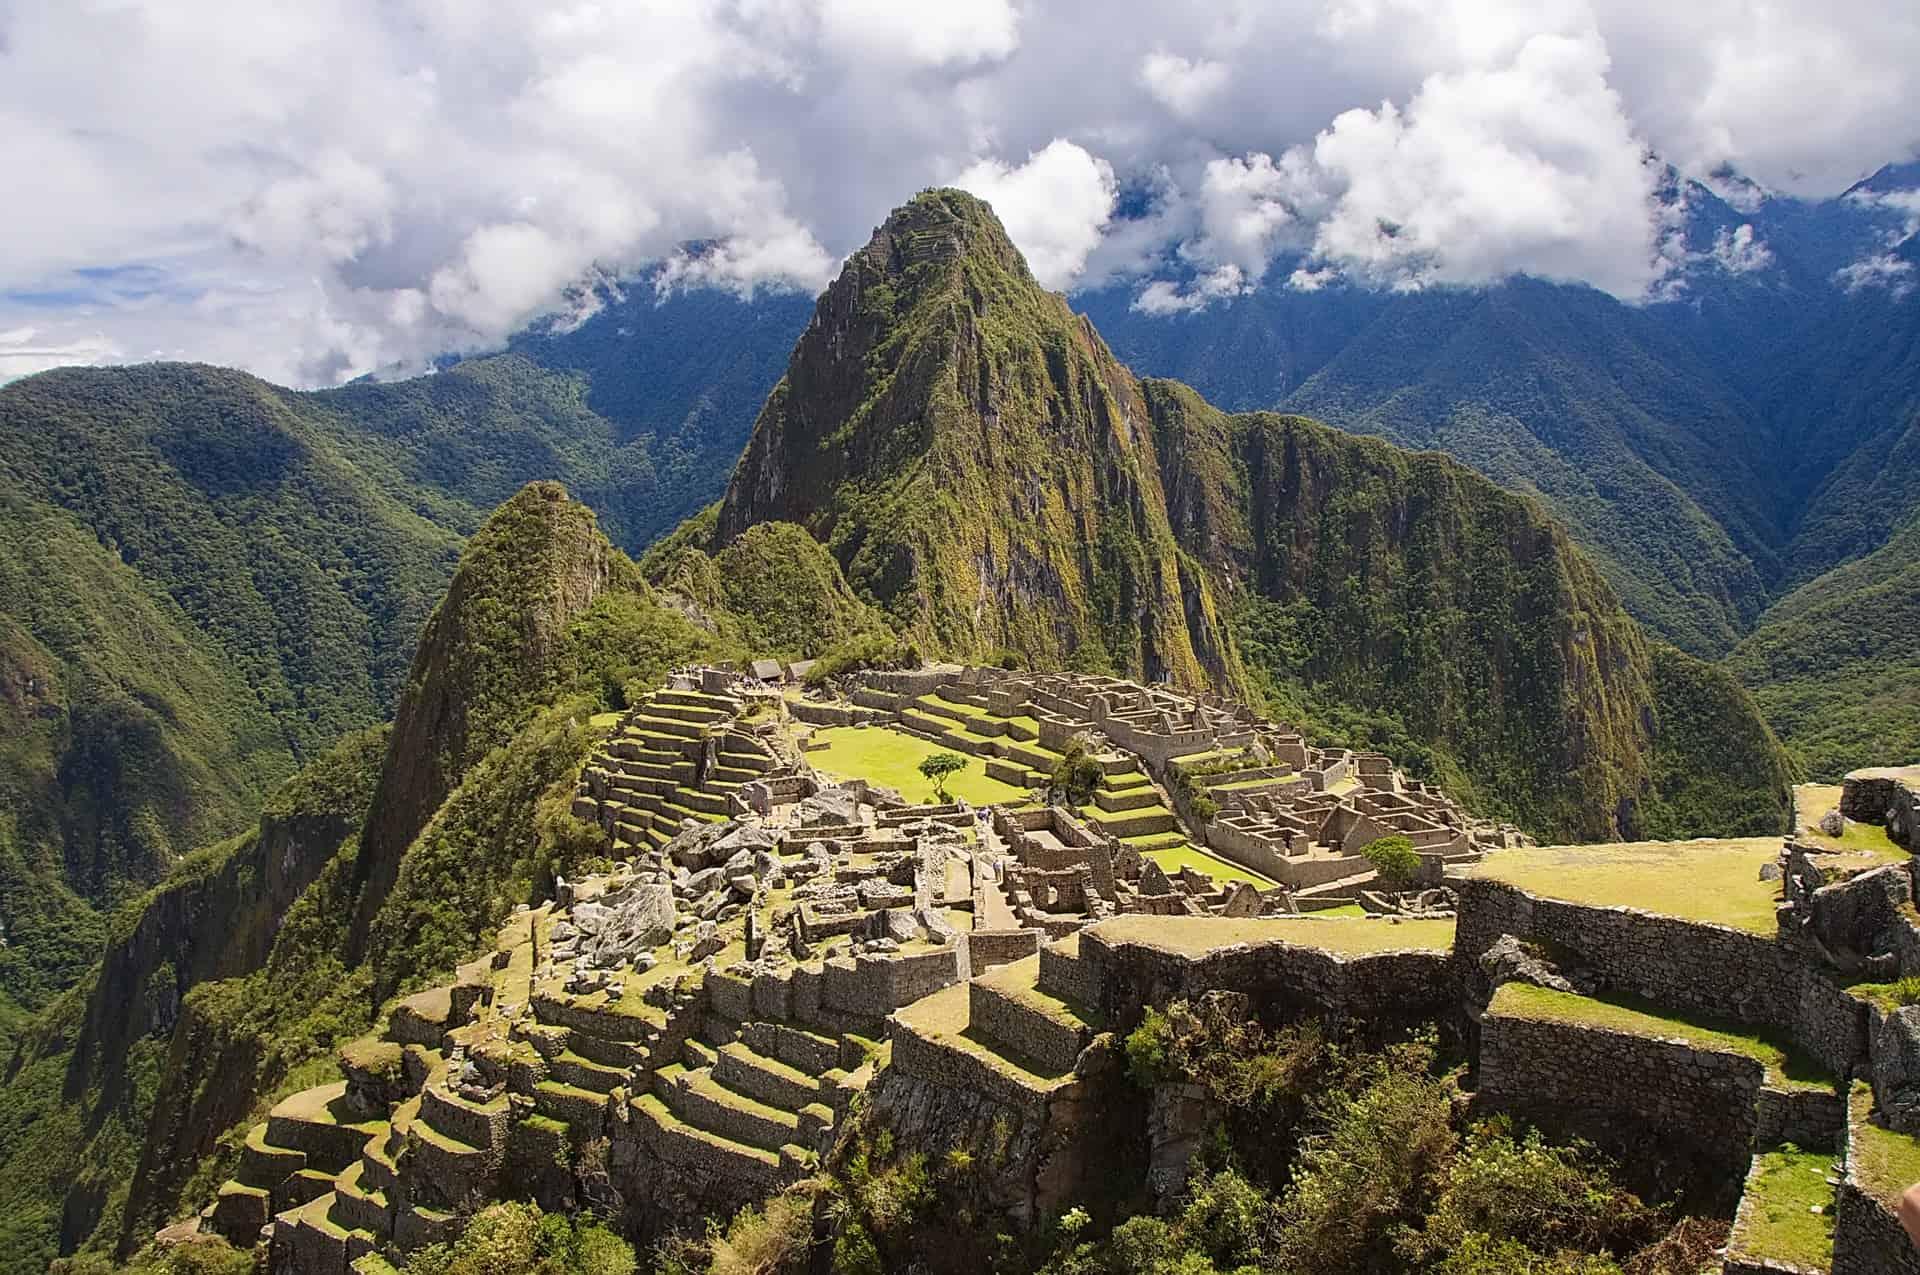 machu picchu peru mountains